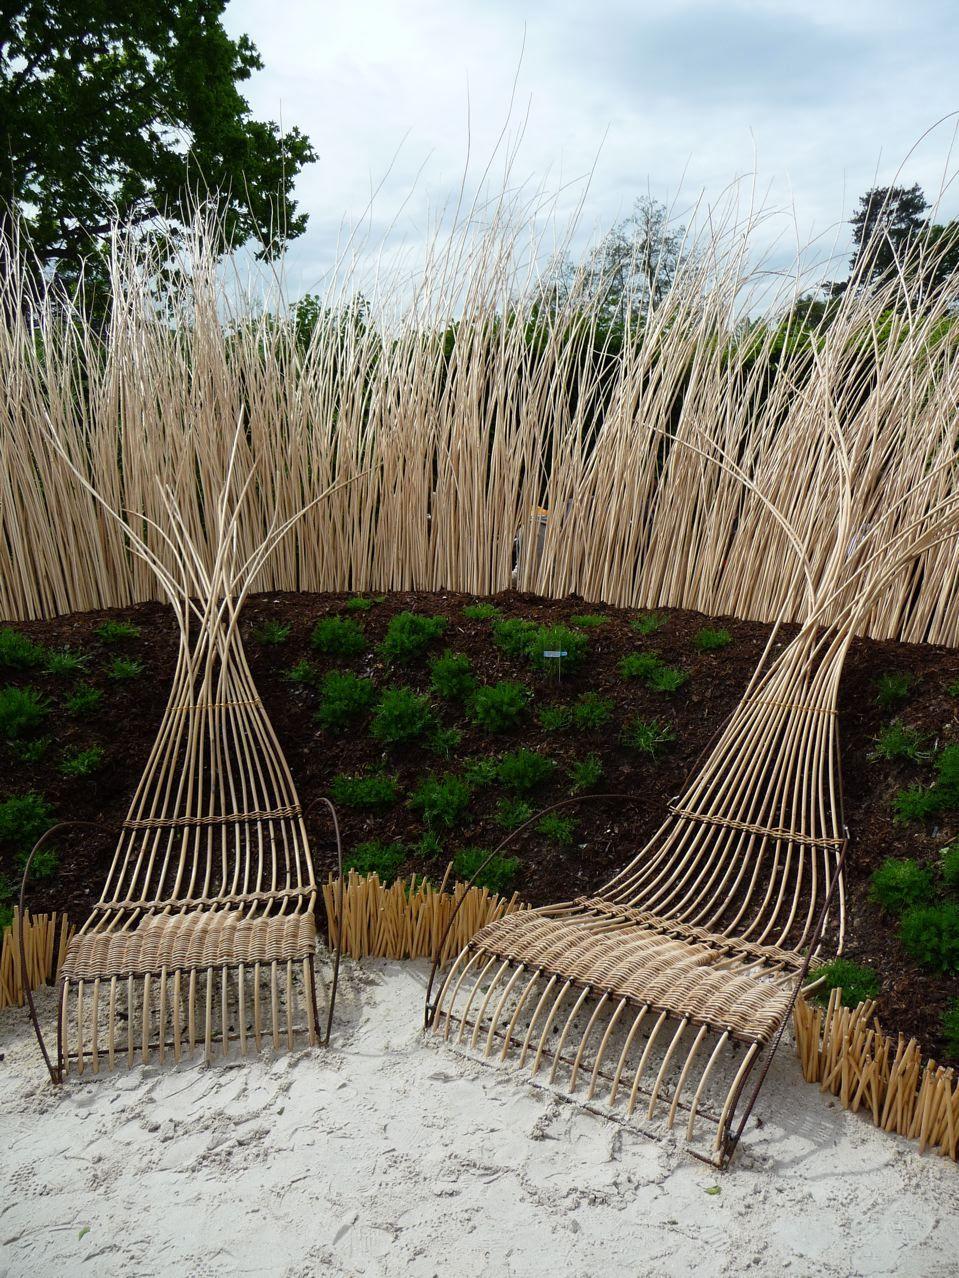 festival des jardins chaumont sur loire cavapu pinterest du jardin loire et festival. Black Bedroom Furniture Sets. Home Design Ideas